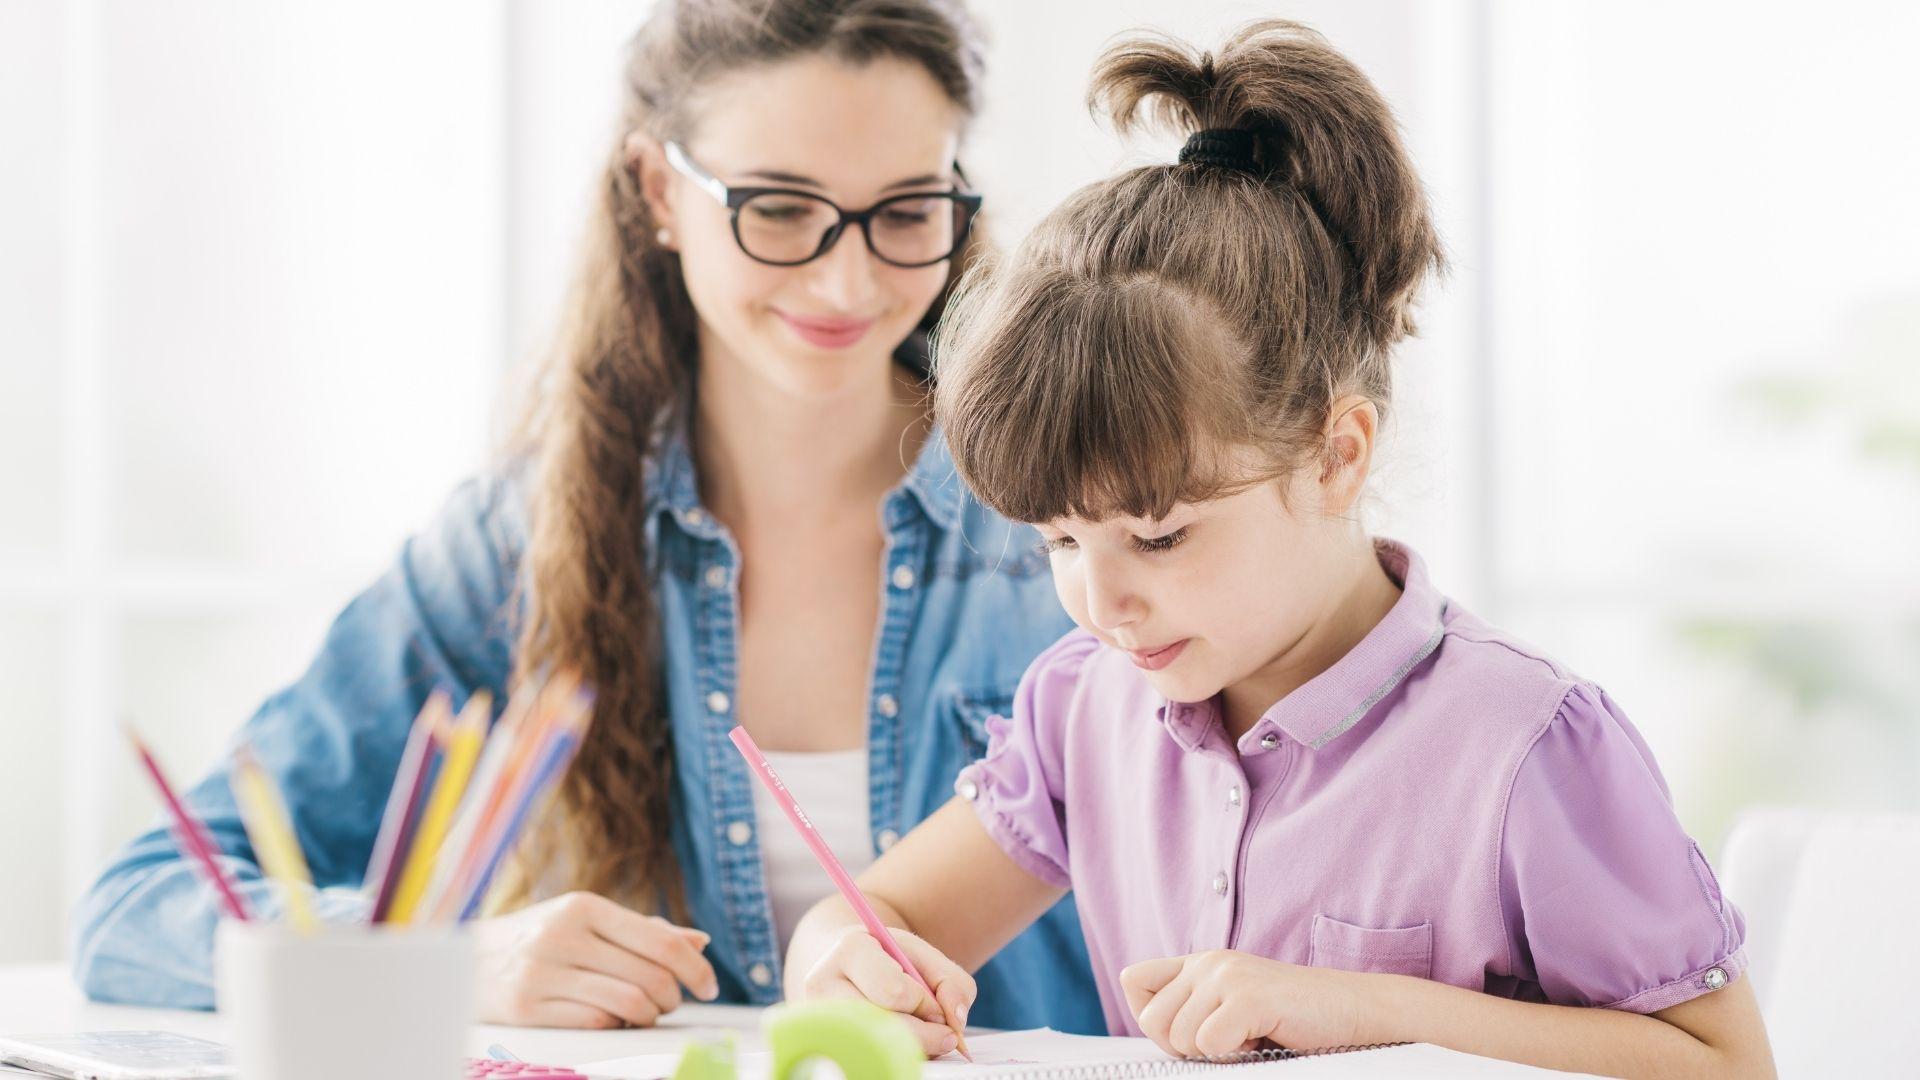 Ανίχνευση Μαθησιακών Δυσκολιών